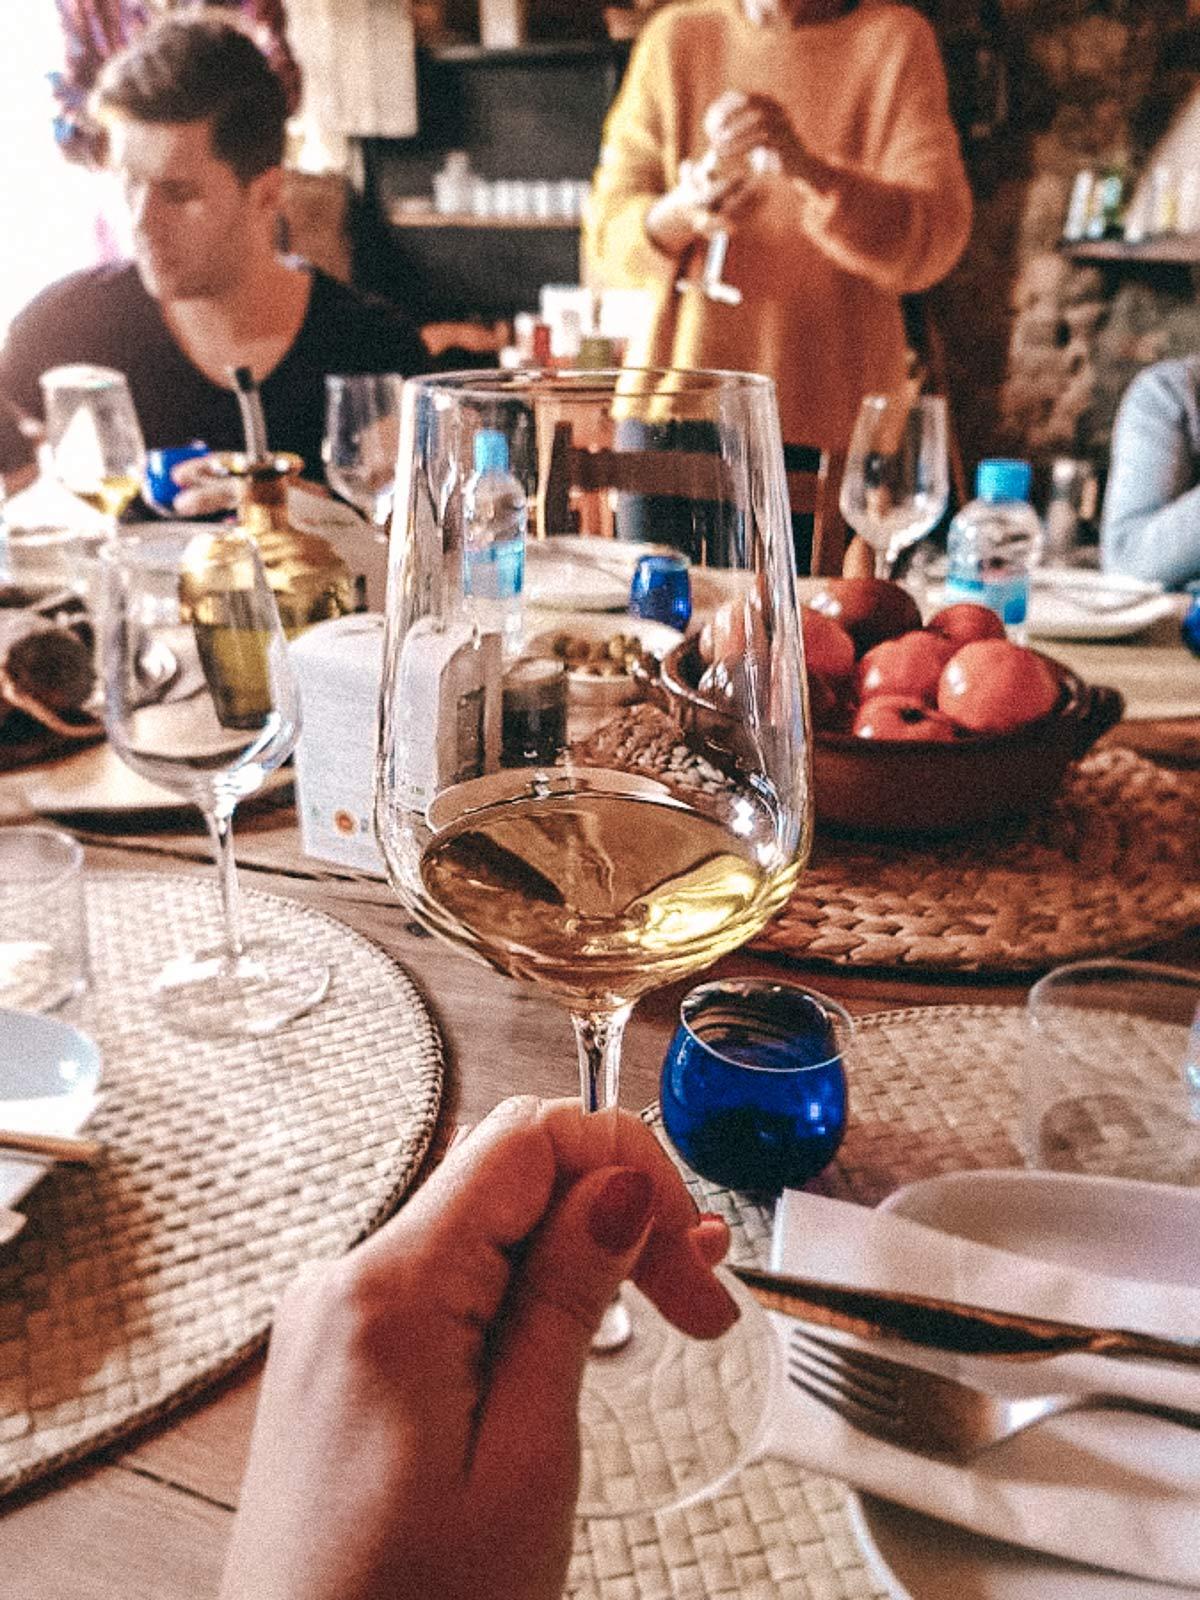 olivenoel tasting